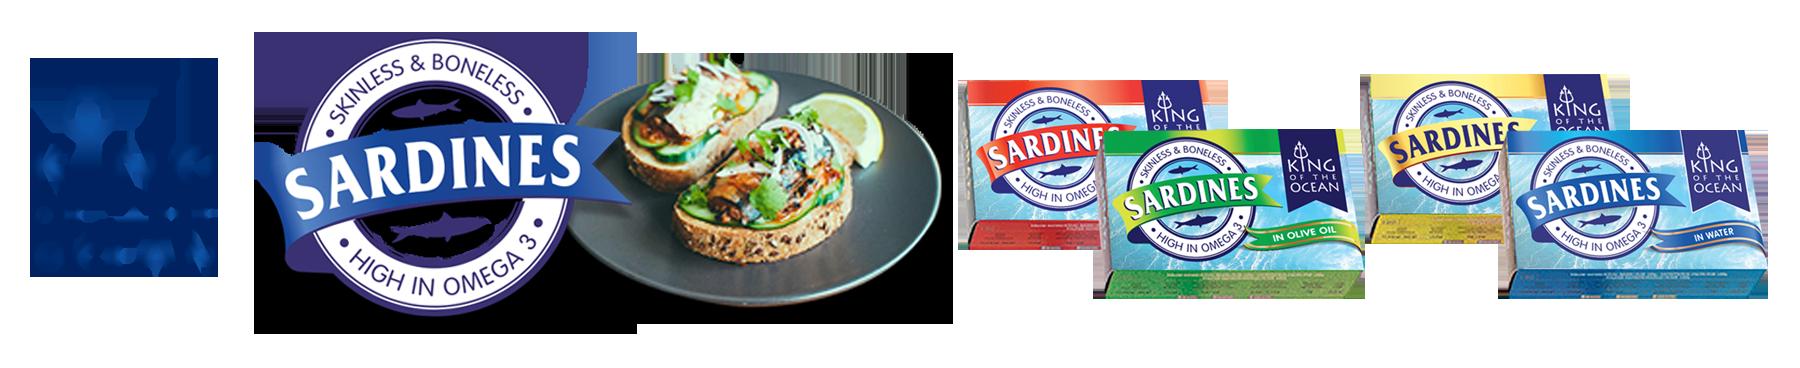 sardinead